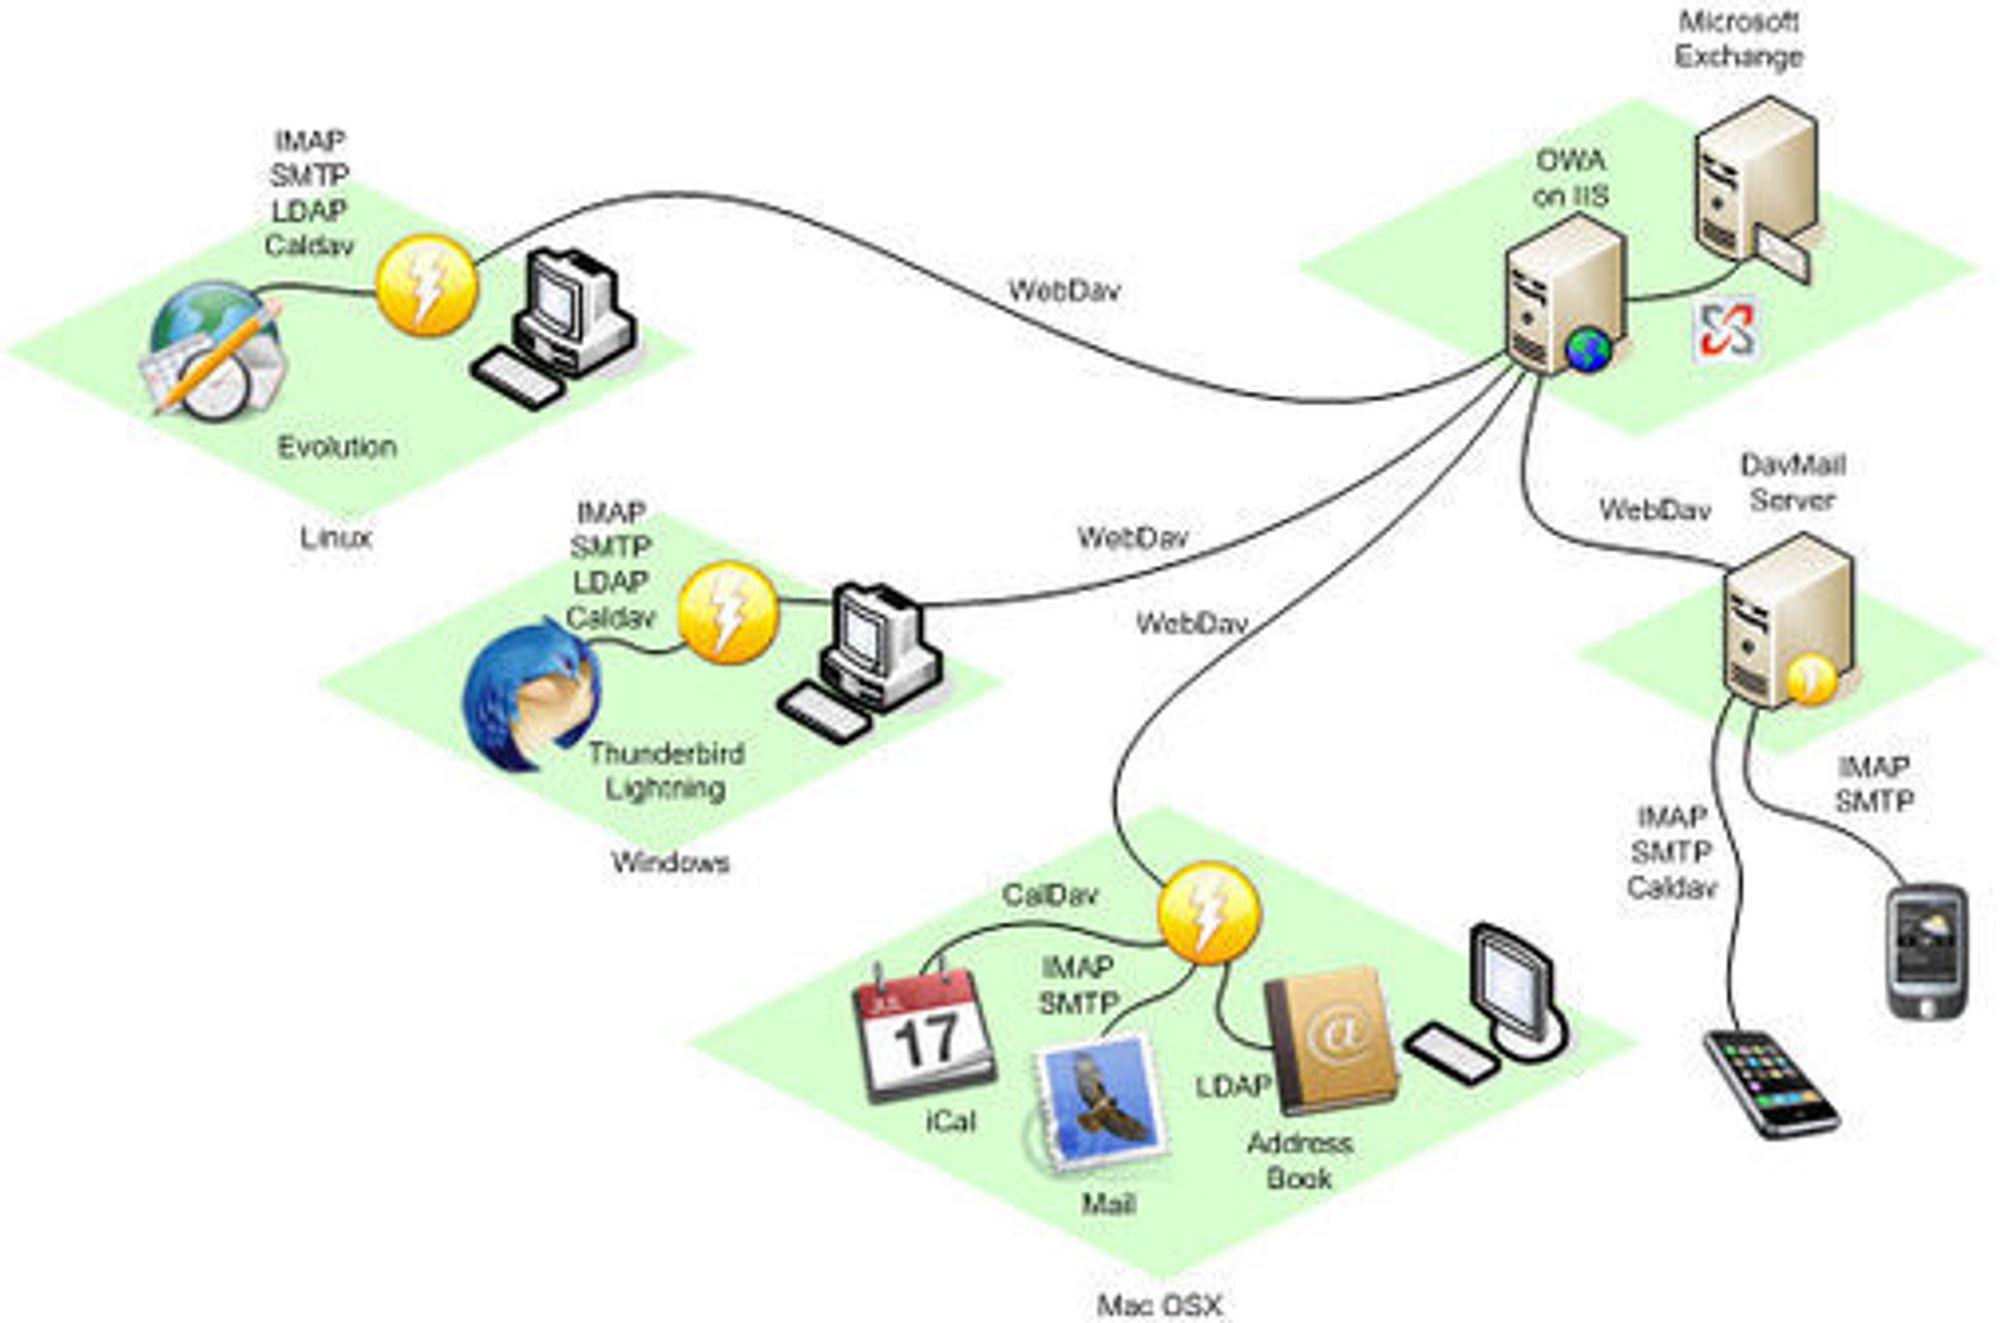 DavMail-arkitekturen